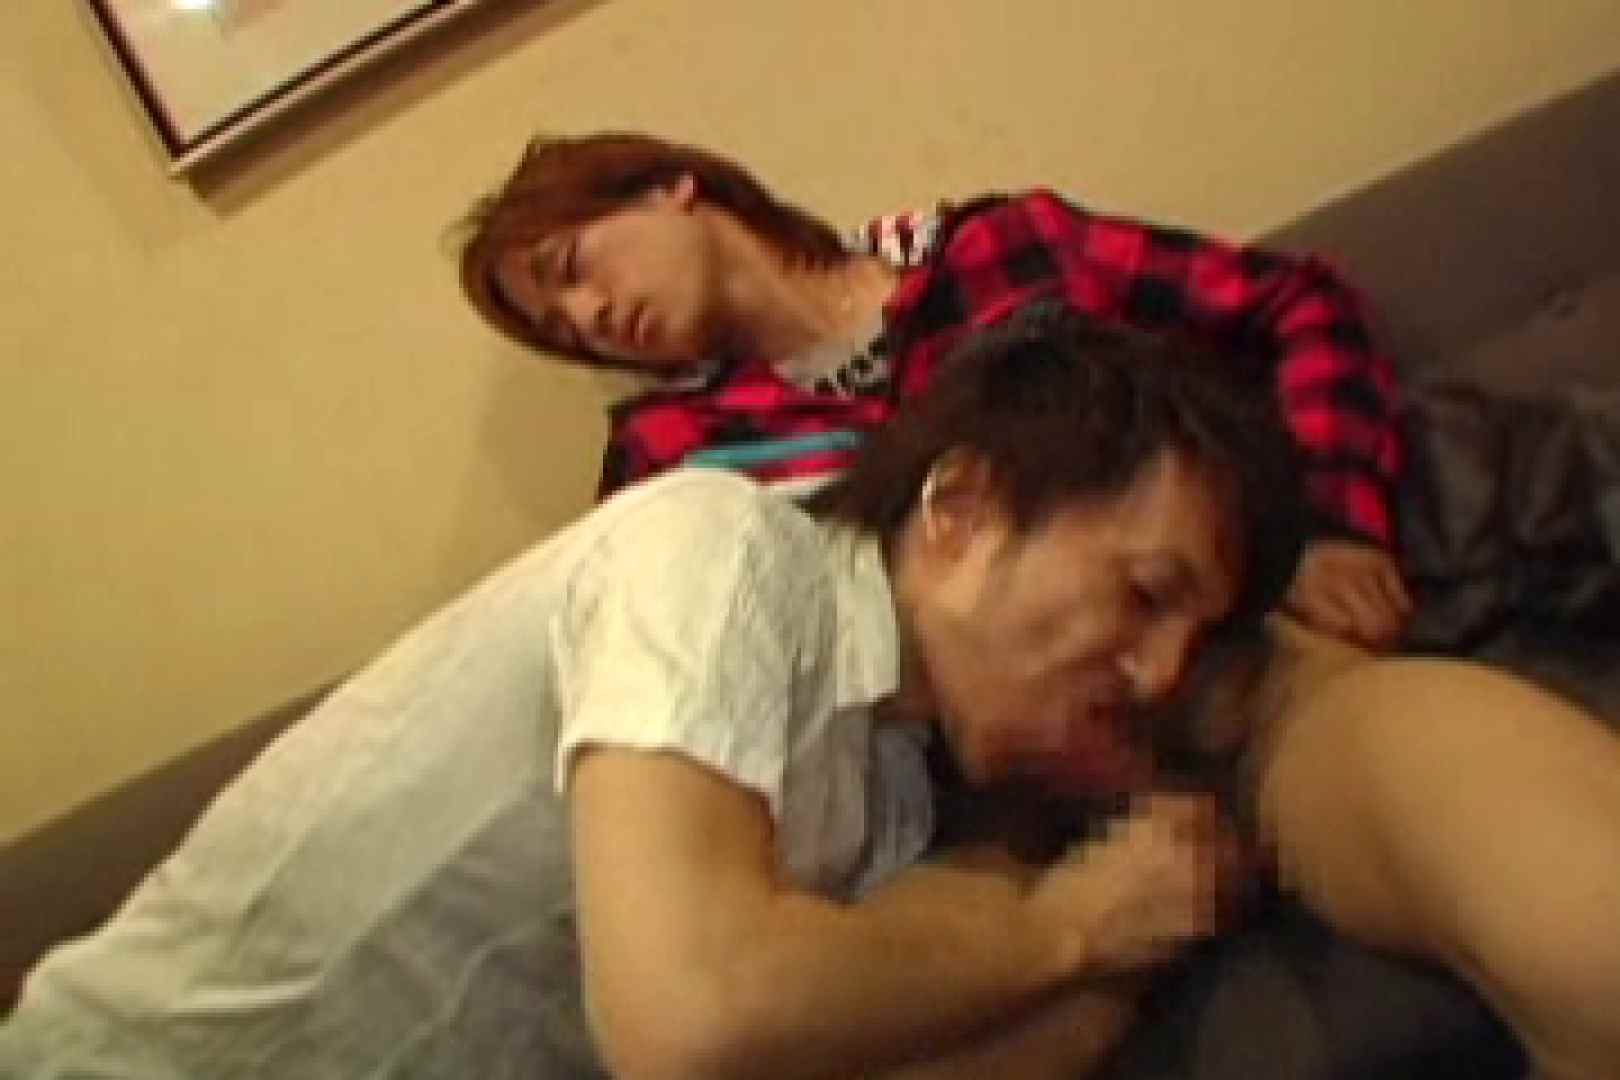 美men's達のForbidden World vol.5 イケメン | オナニー ケツマンスケベ画像 12連発 11